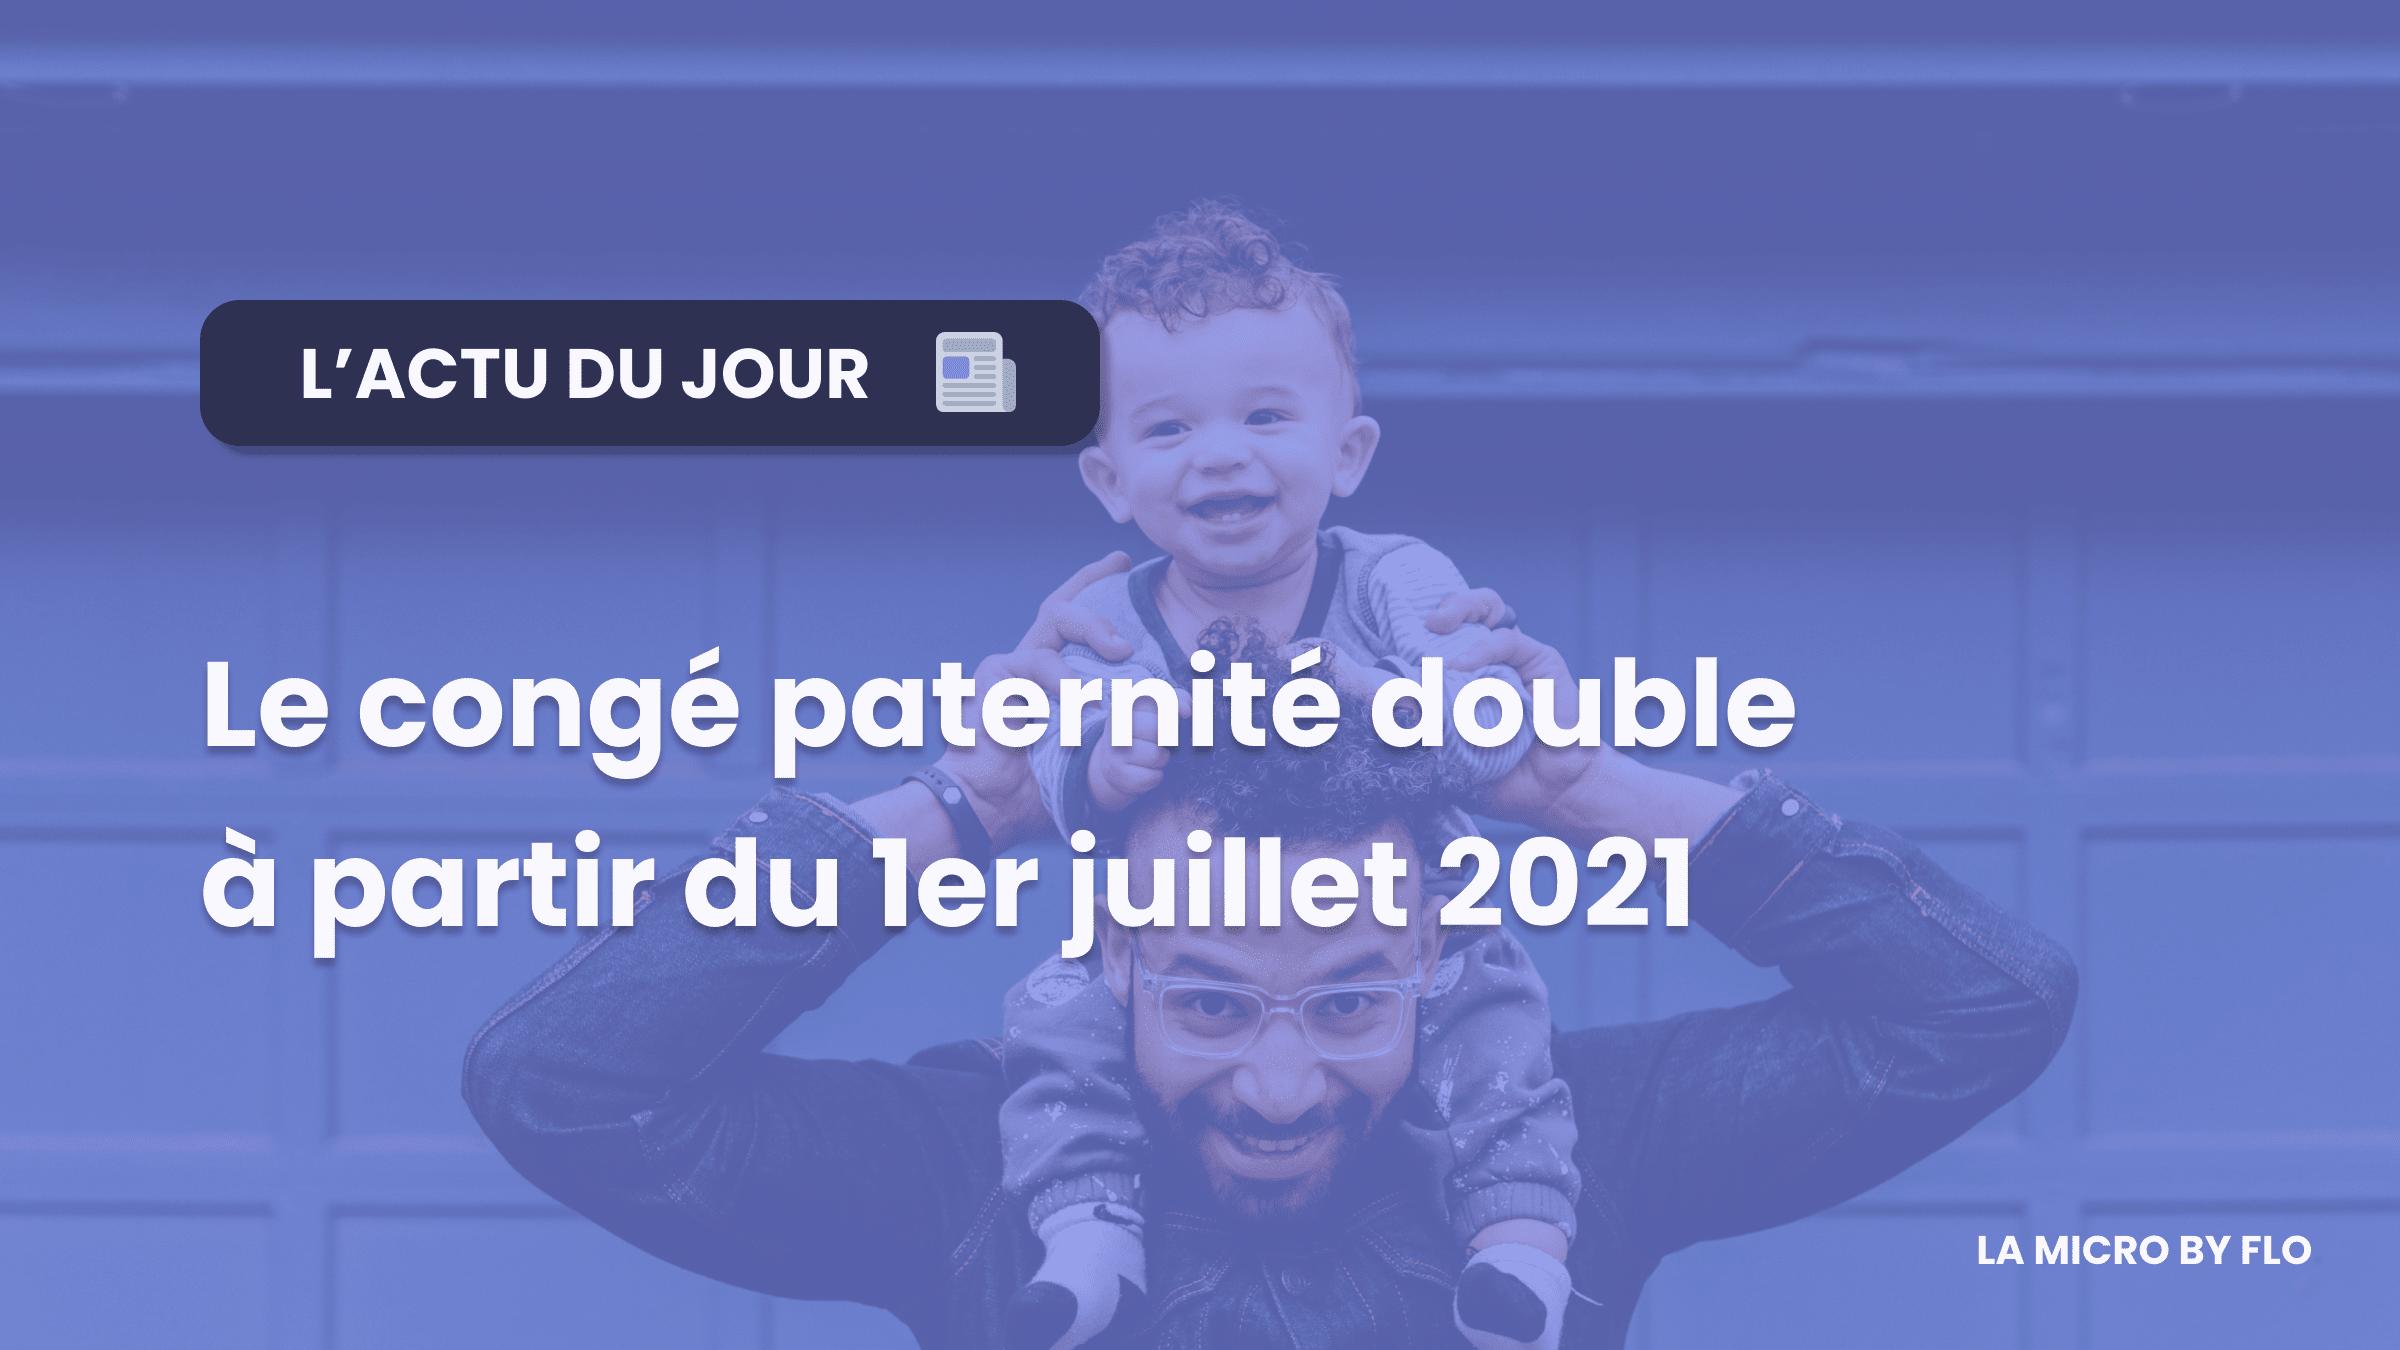 Le congé paternité doublé dès le 1er juillet 2021 👨